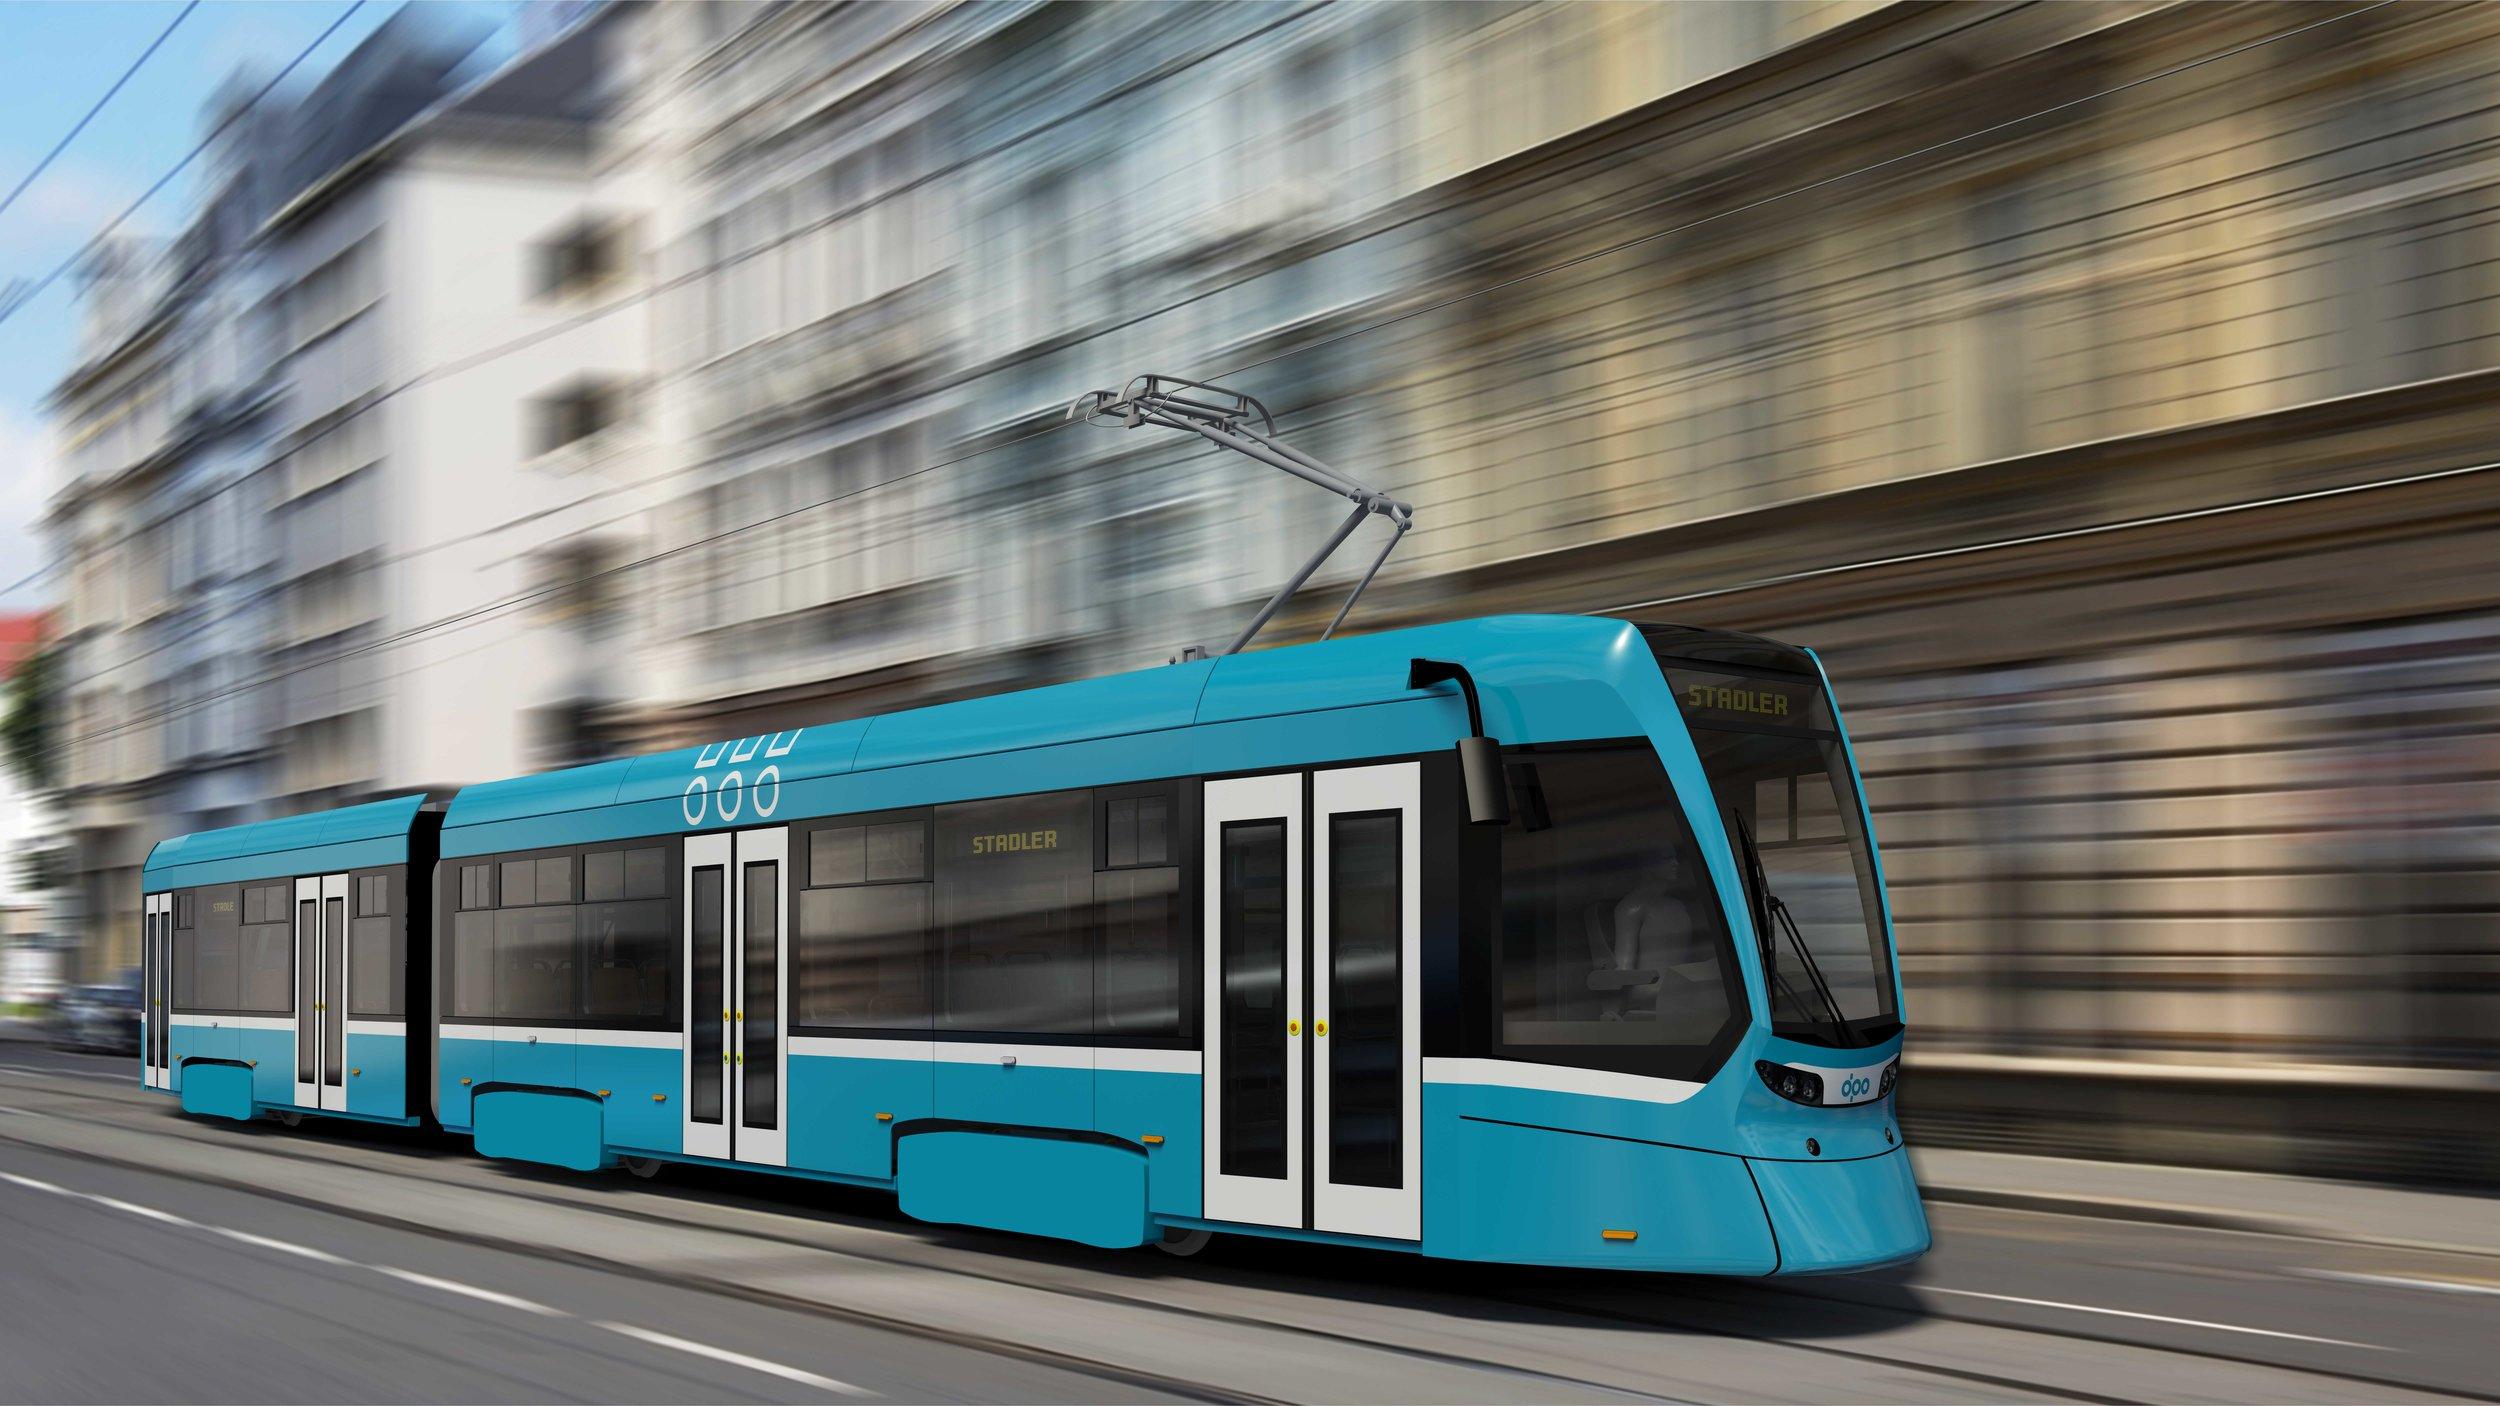 První tramvaje Stadler Tango NF2 Ostrava by měly do Ostravy dorazit v letošním roce. (zdroj: Stadler)